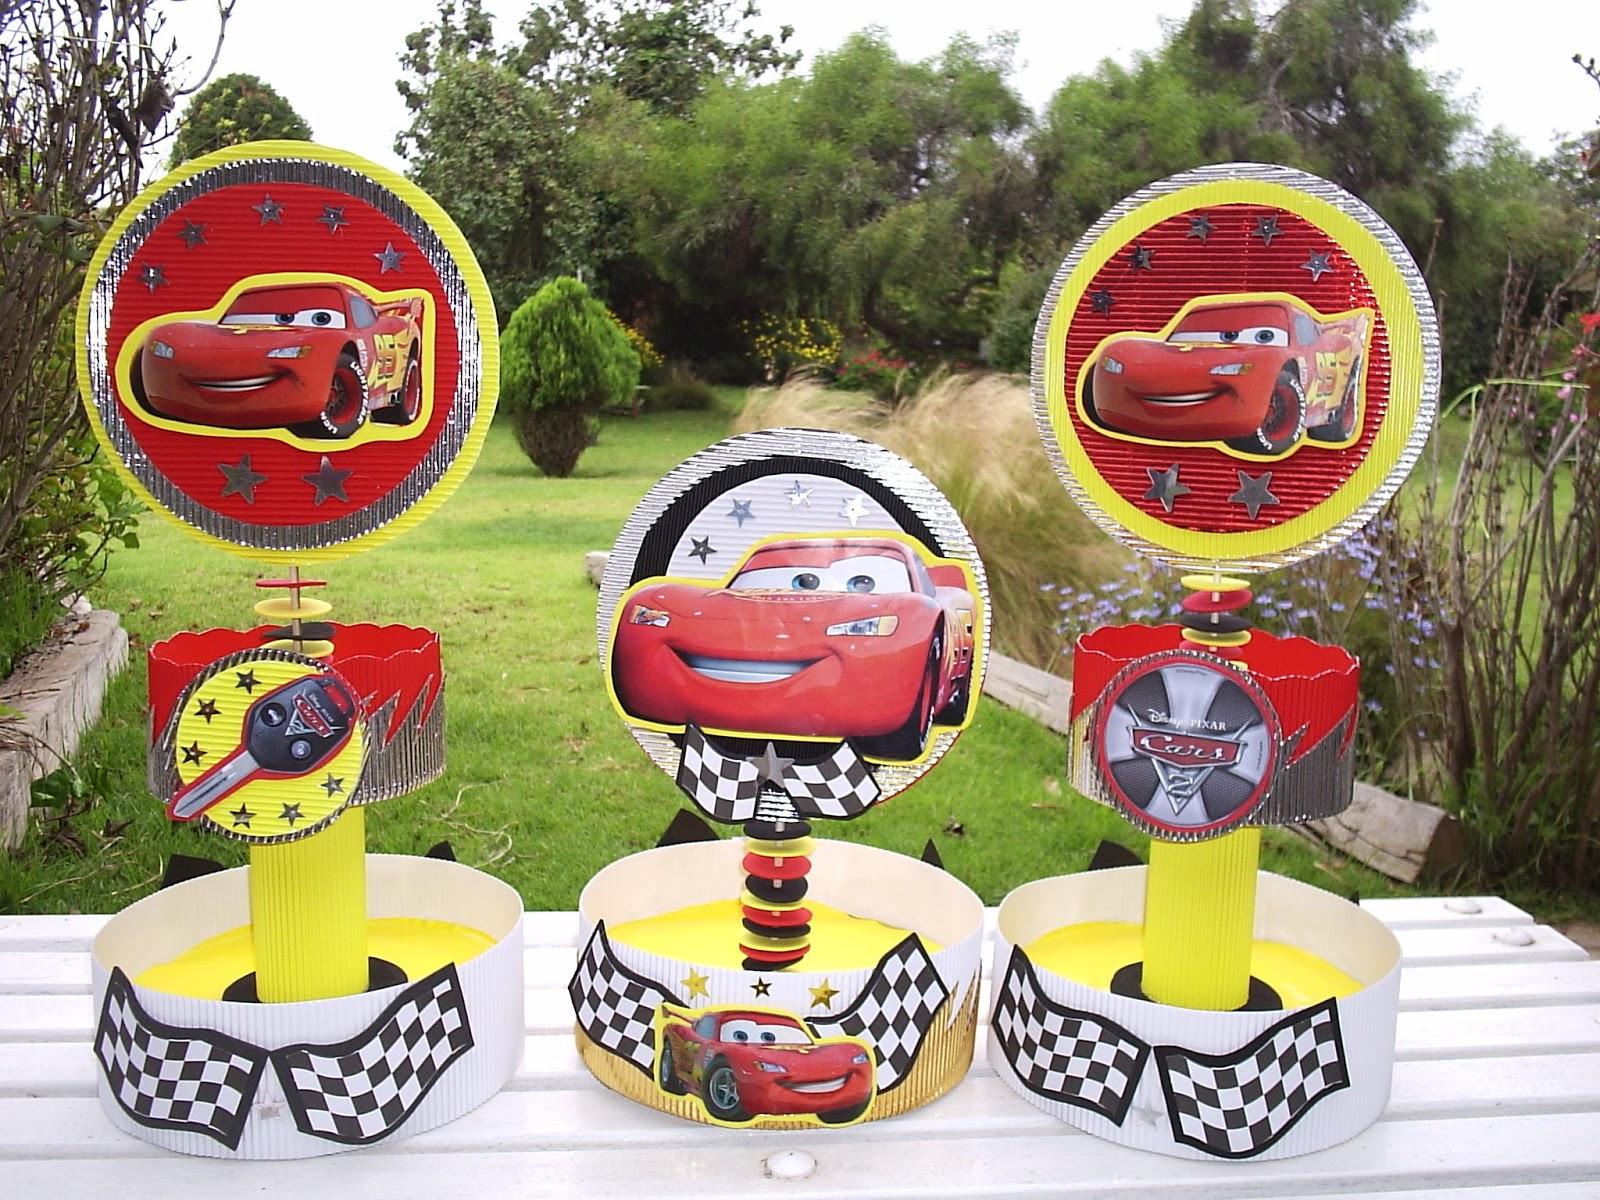 Centro de mesa de Minnie Mouse para un cumpleaños Disney